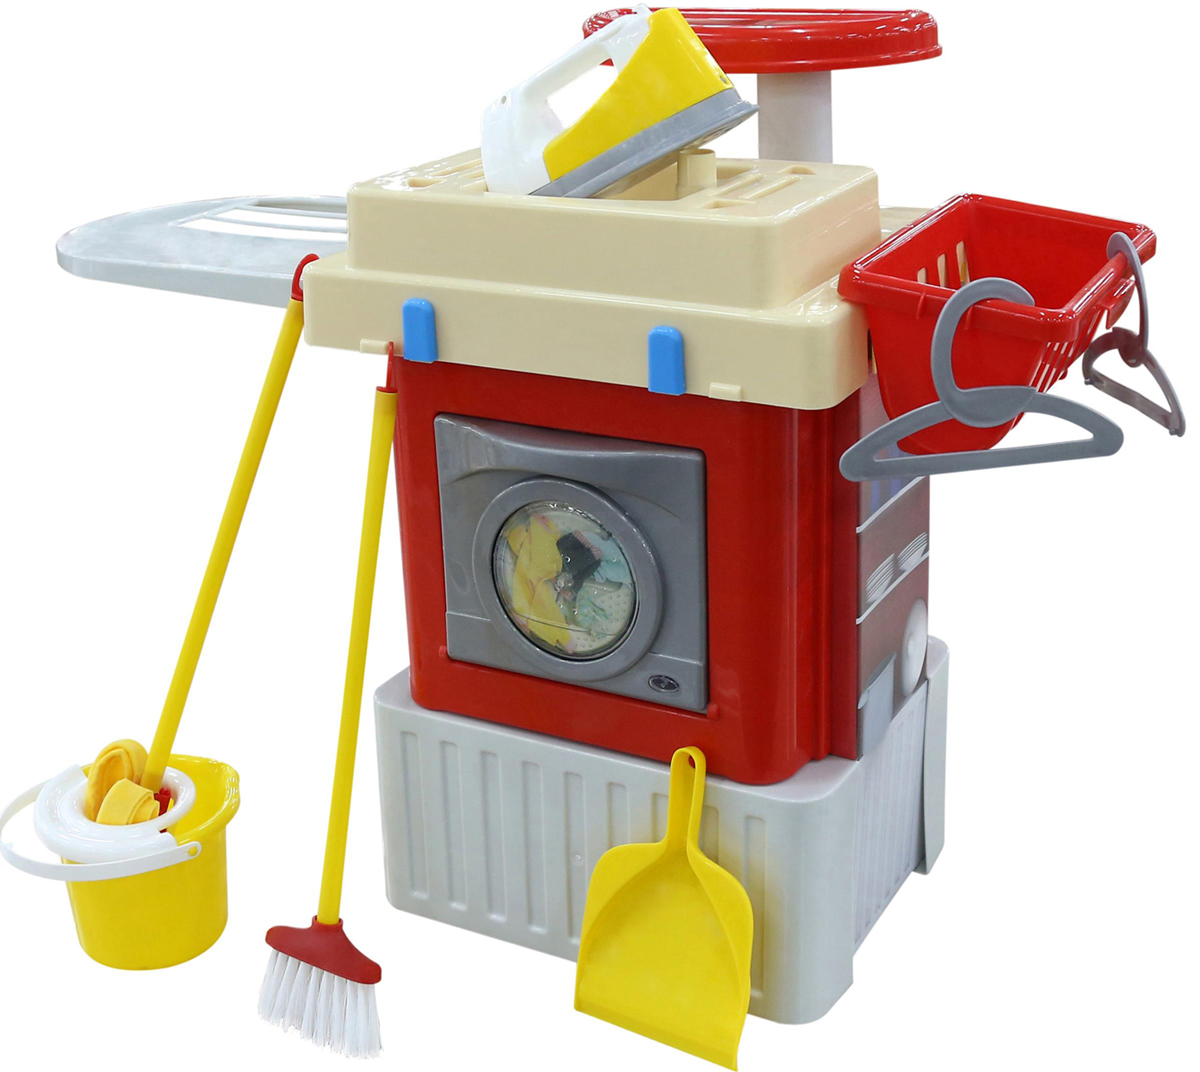 Полесье Игровой набор со стиральной машиной Infinity Basic №3 - Сюжетно-ролевые игрушки